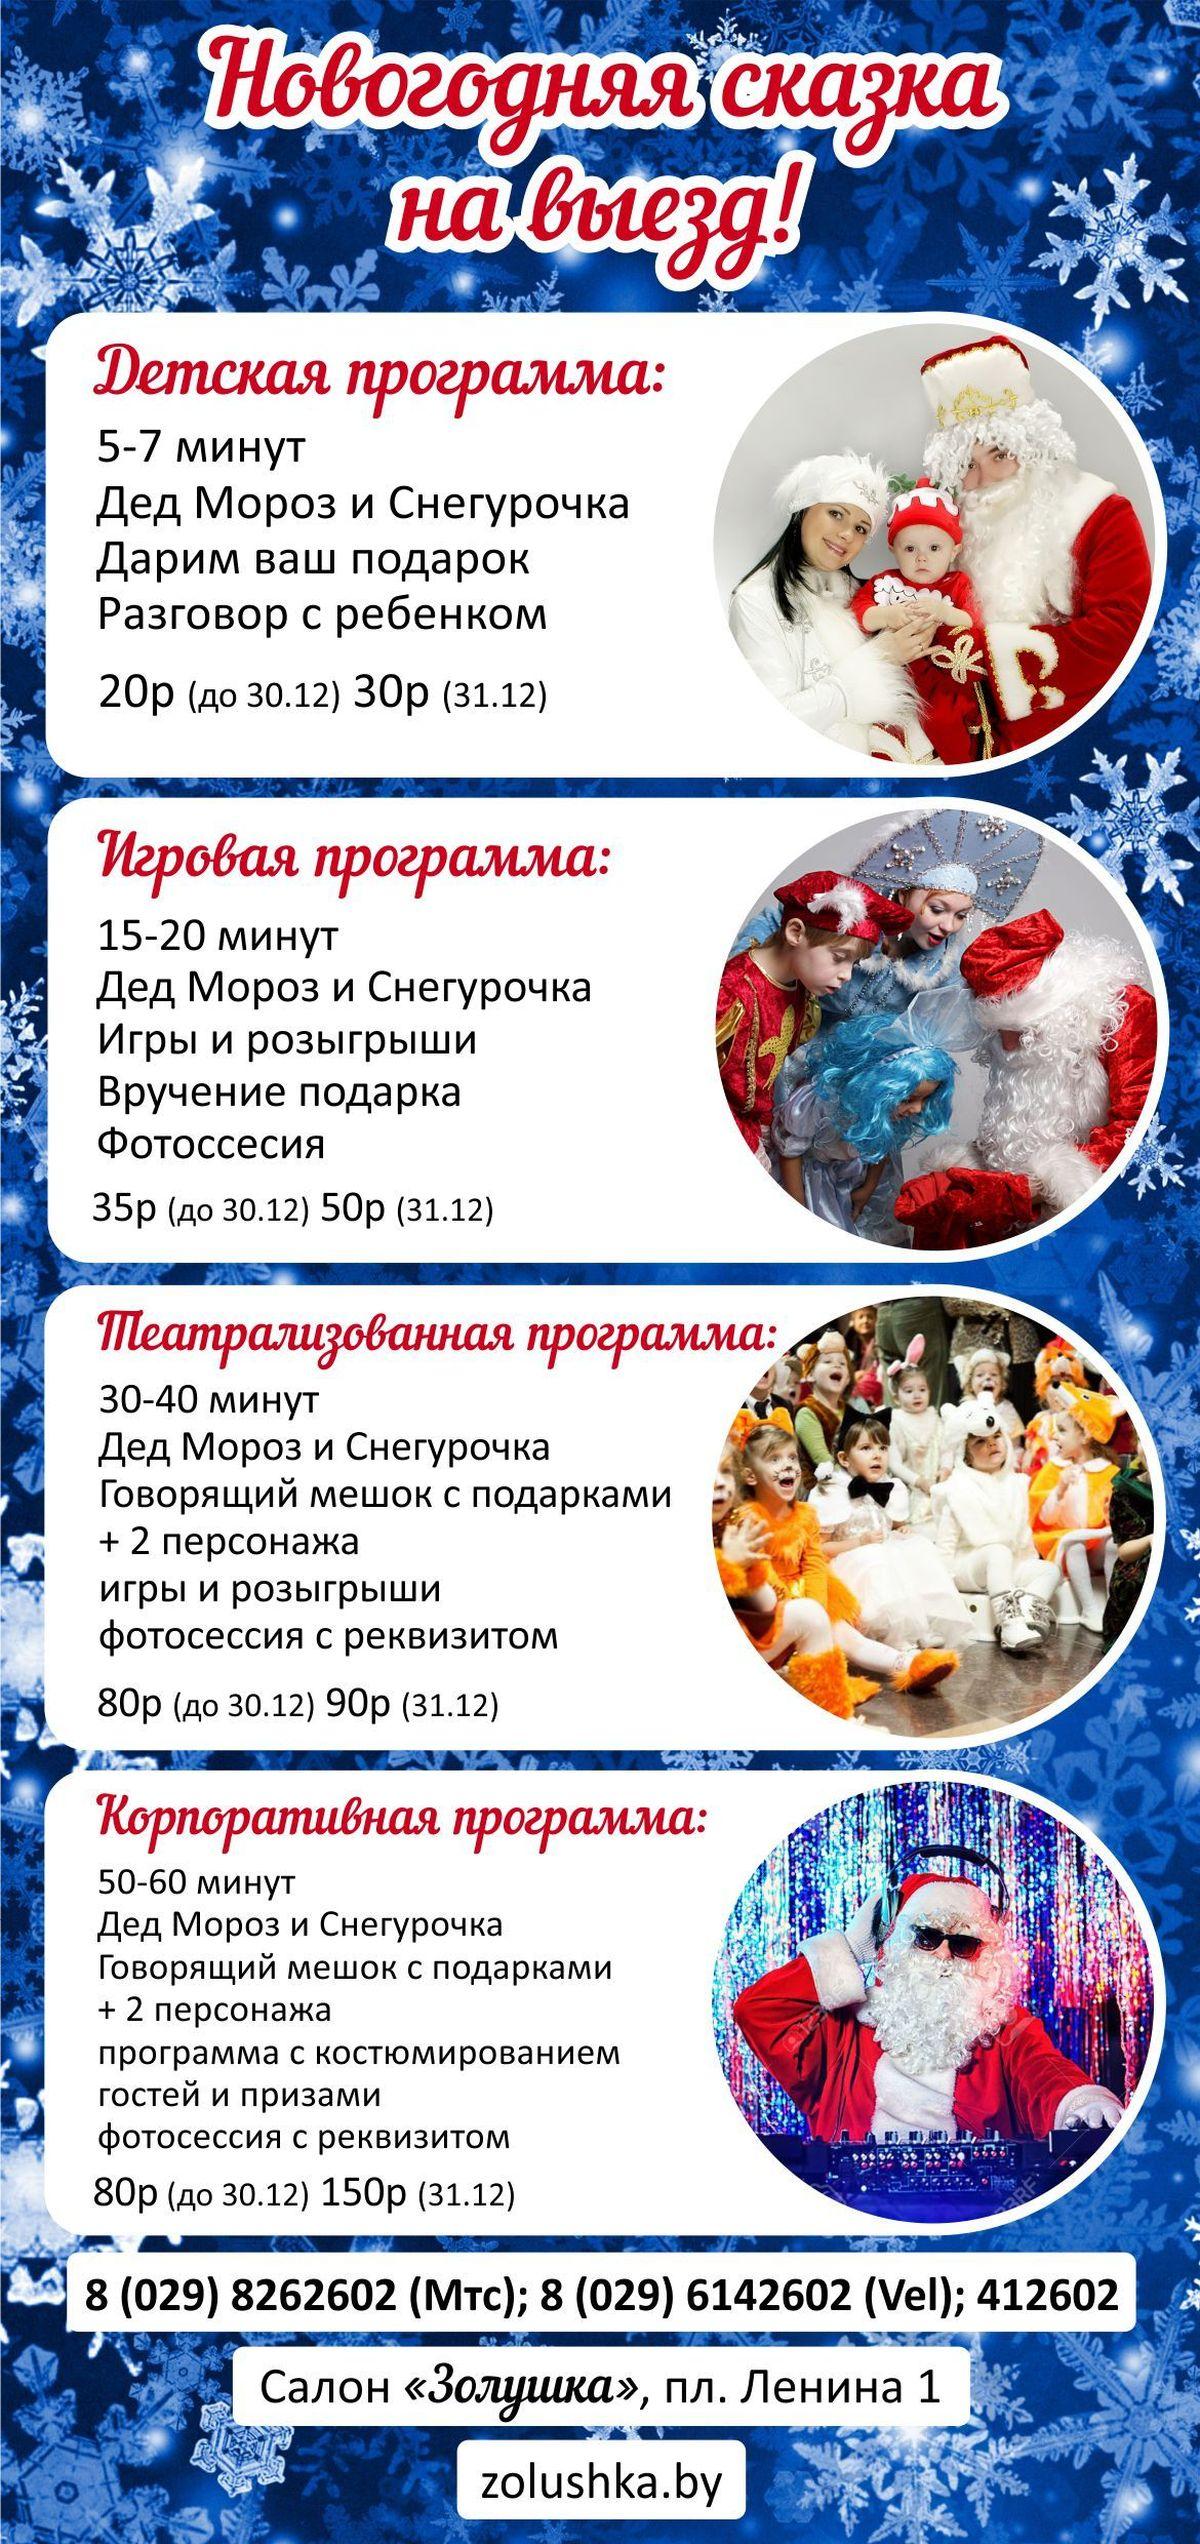 buklet-ded-moroz-i-utrenniki-2016-1-1